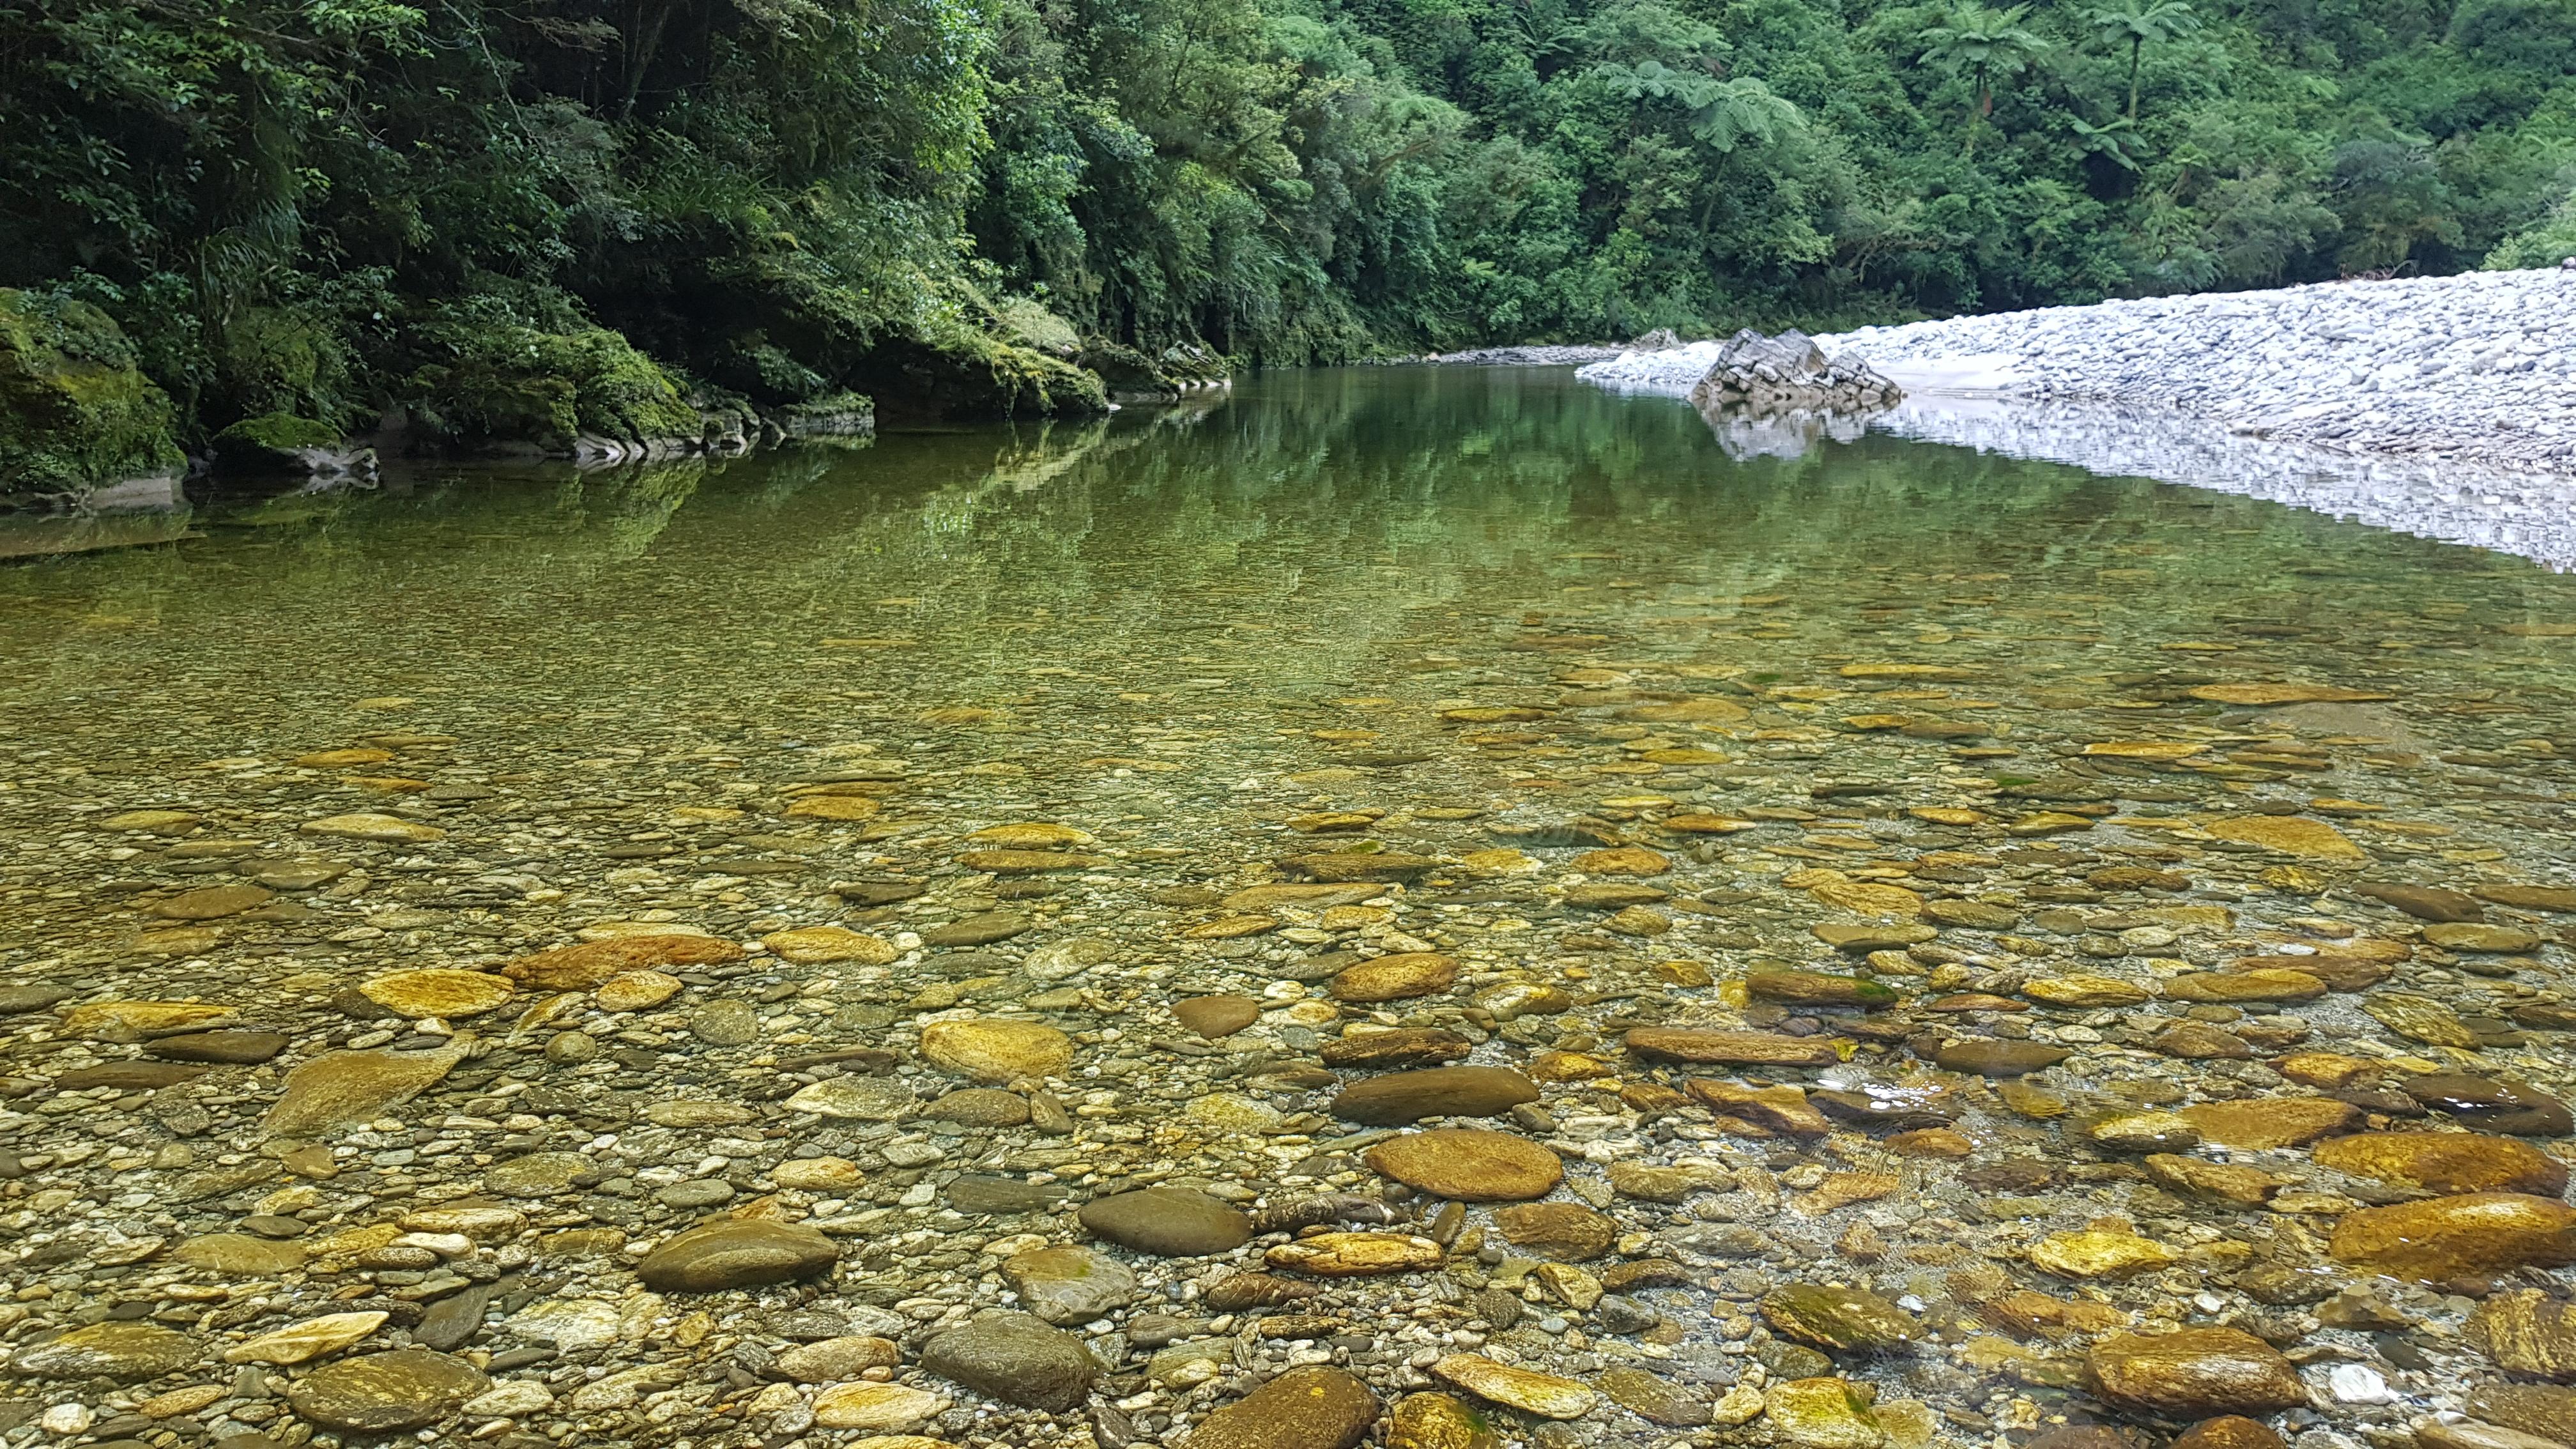 Crossing Dilemma Creek